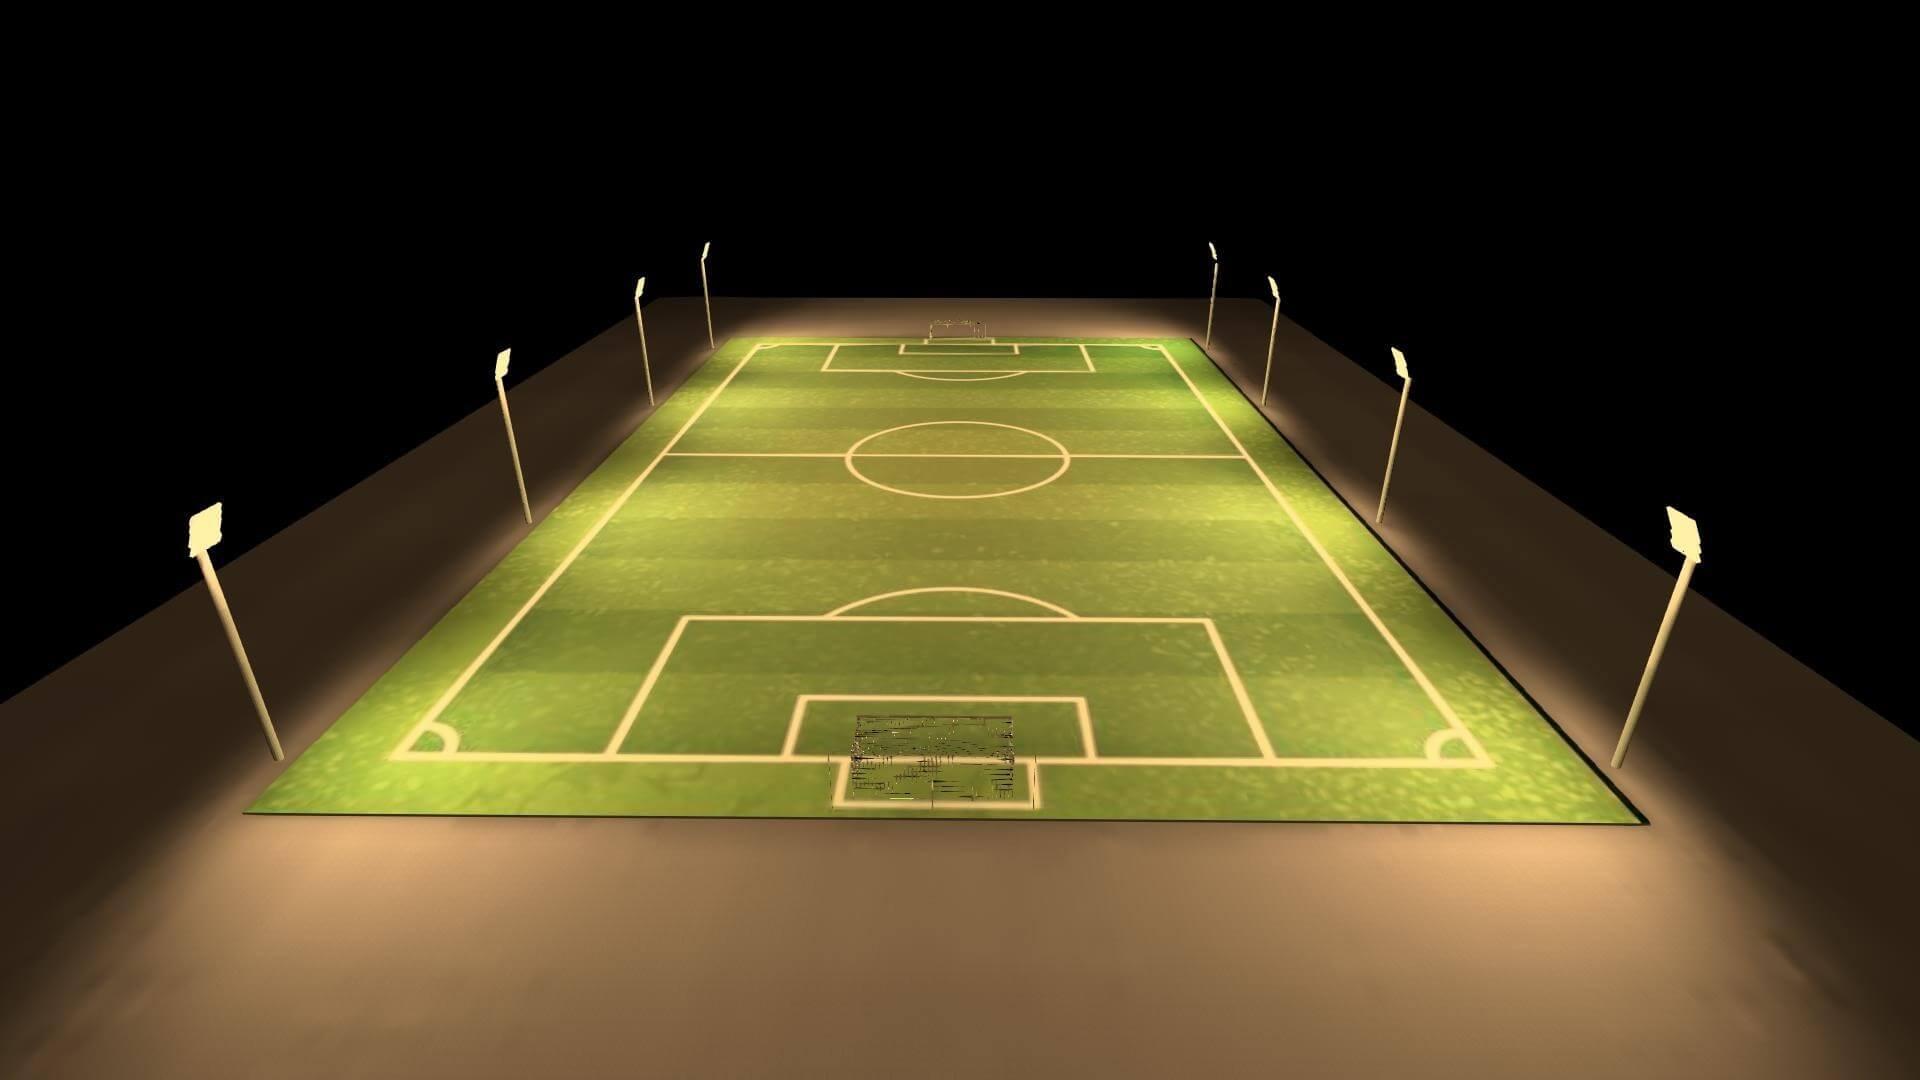 Dialux-Soccer-field-200W-Flood-Light-LED-HD